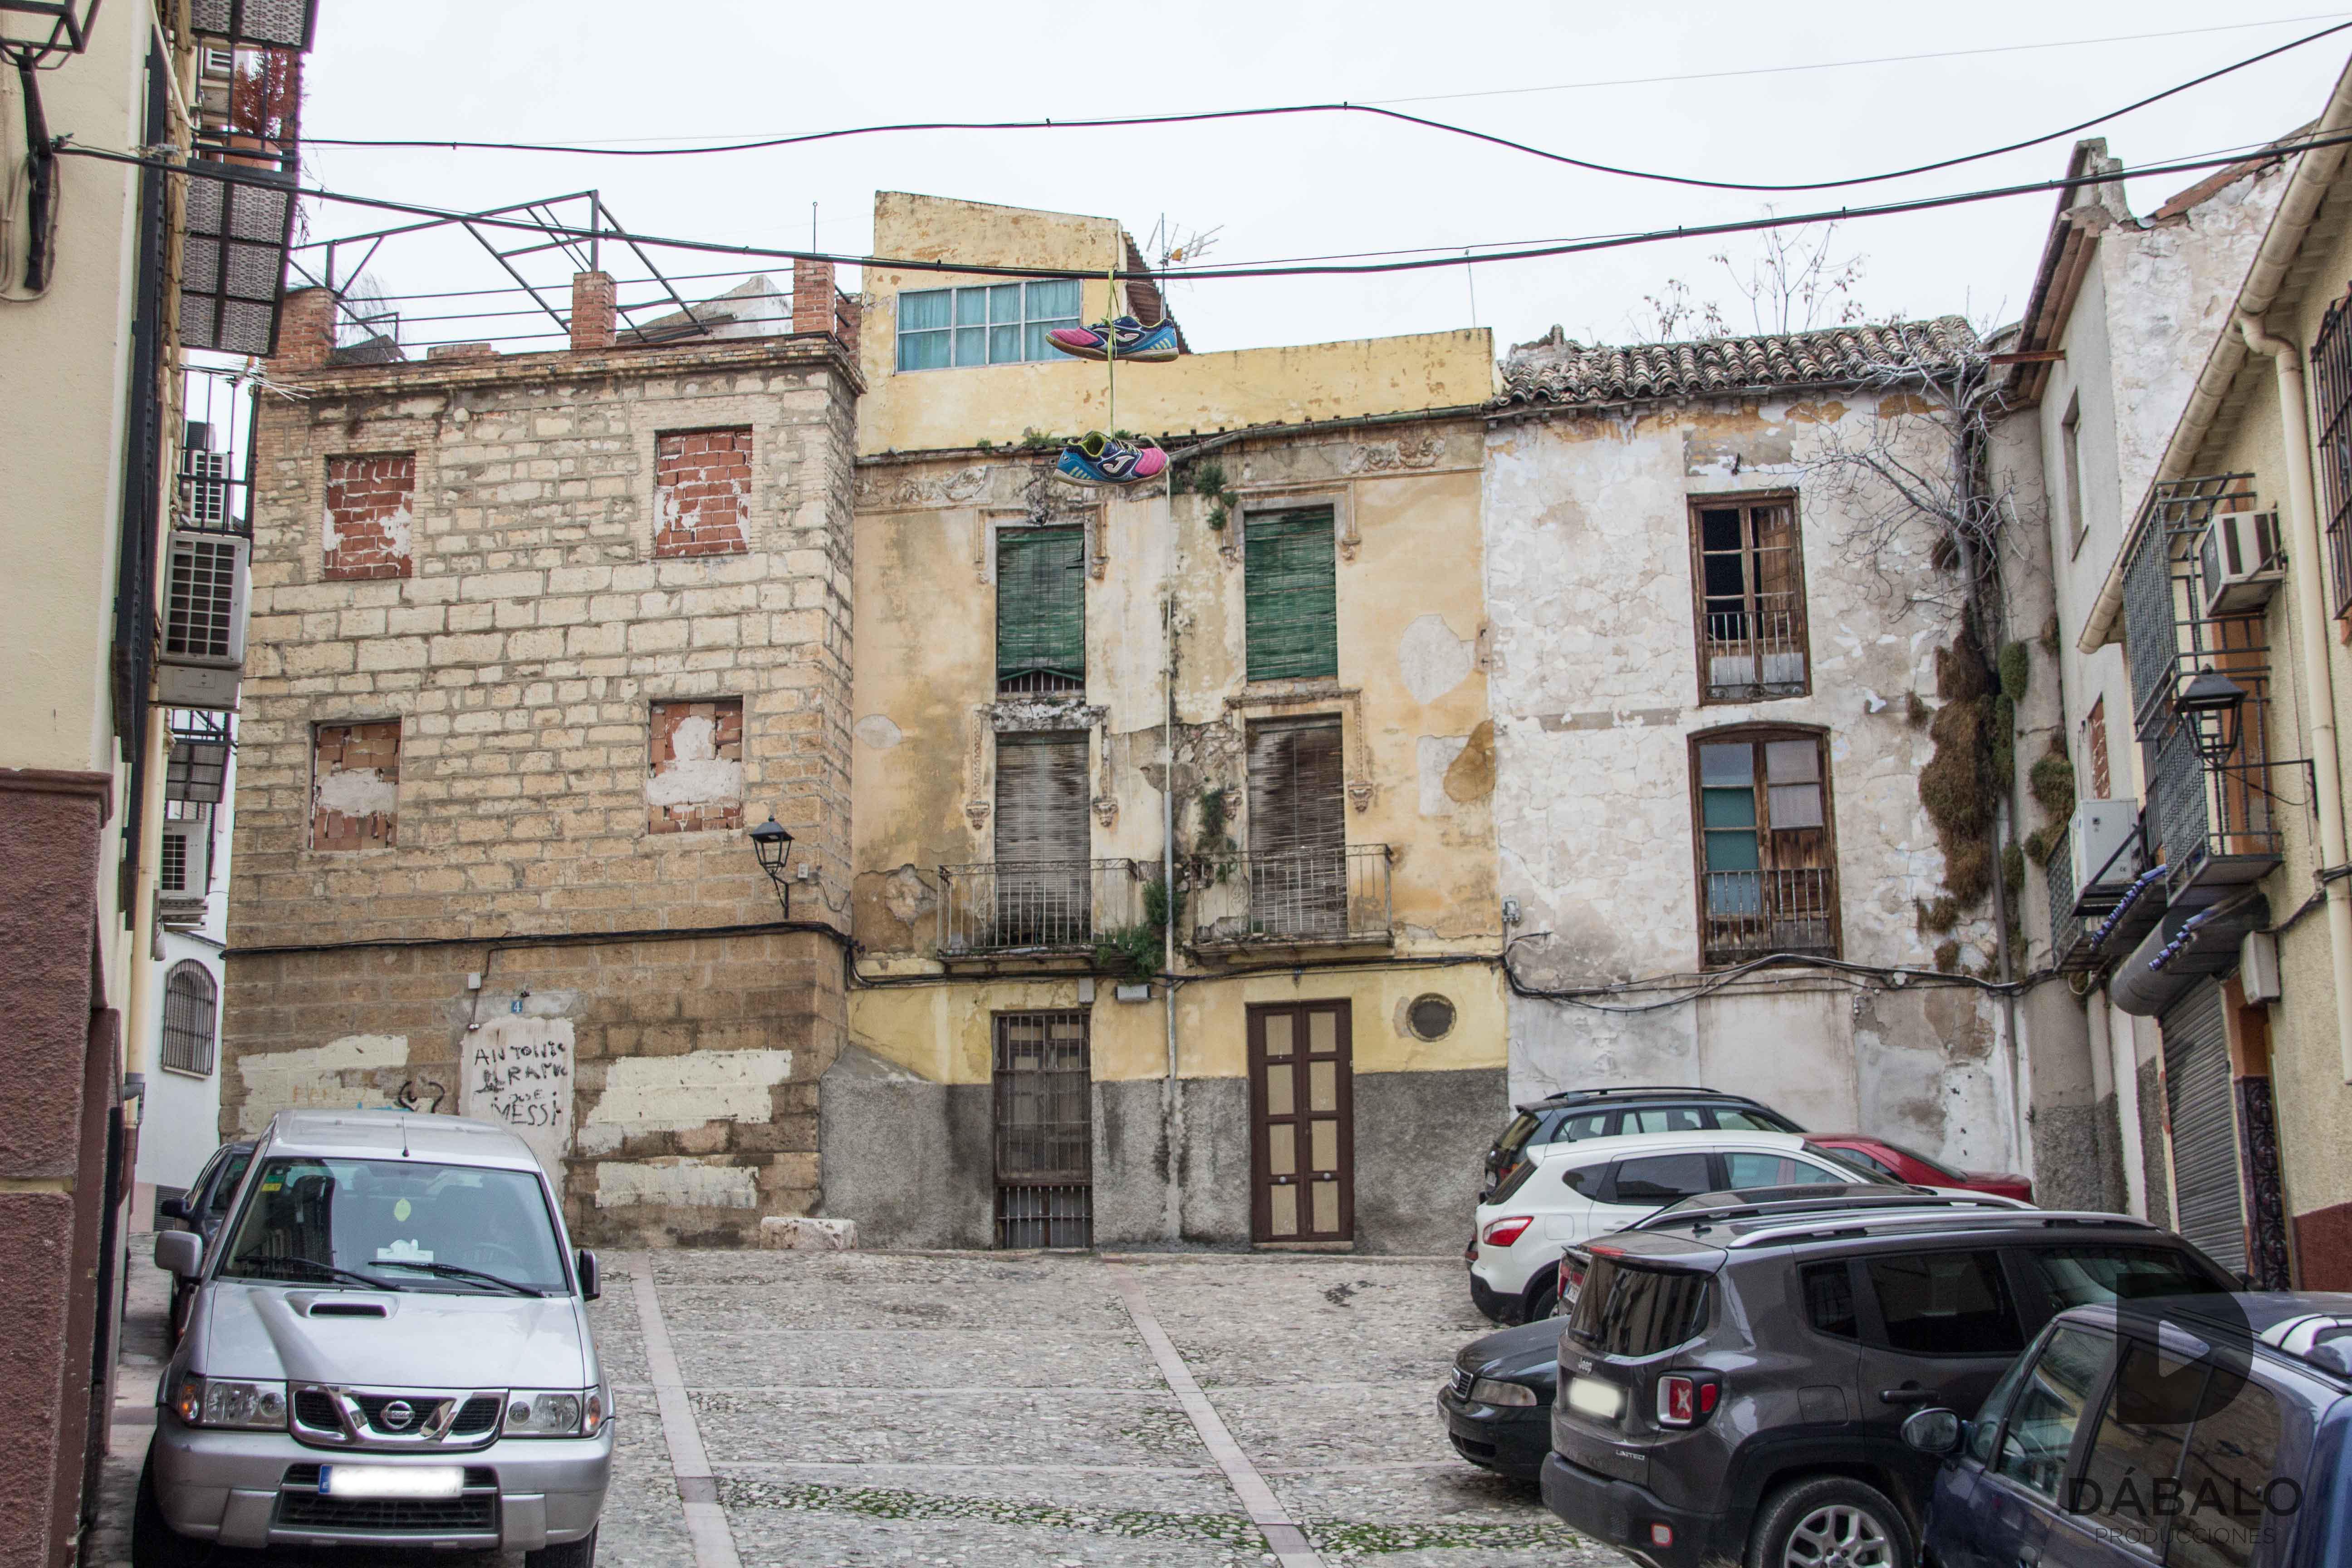 FOTO 10: Plaza de San Miguel, edificios en ruinas.